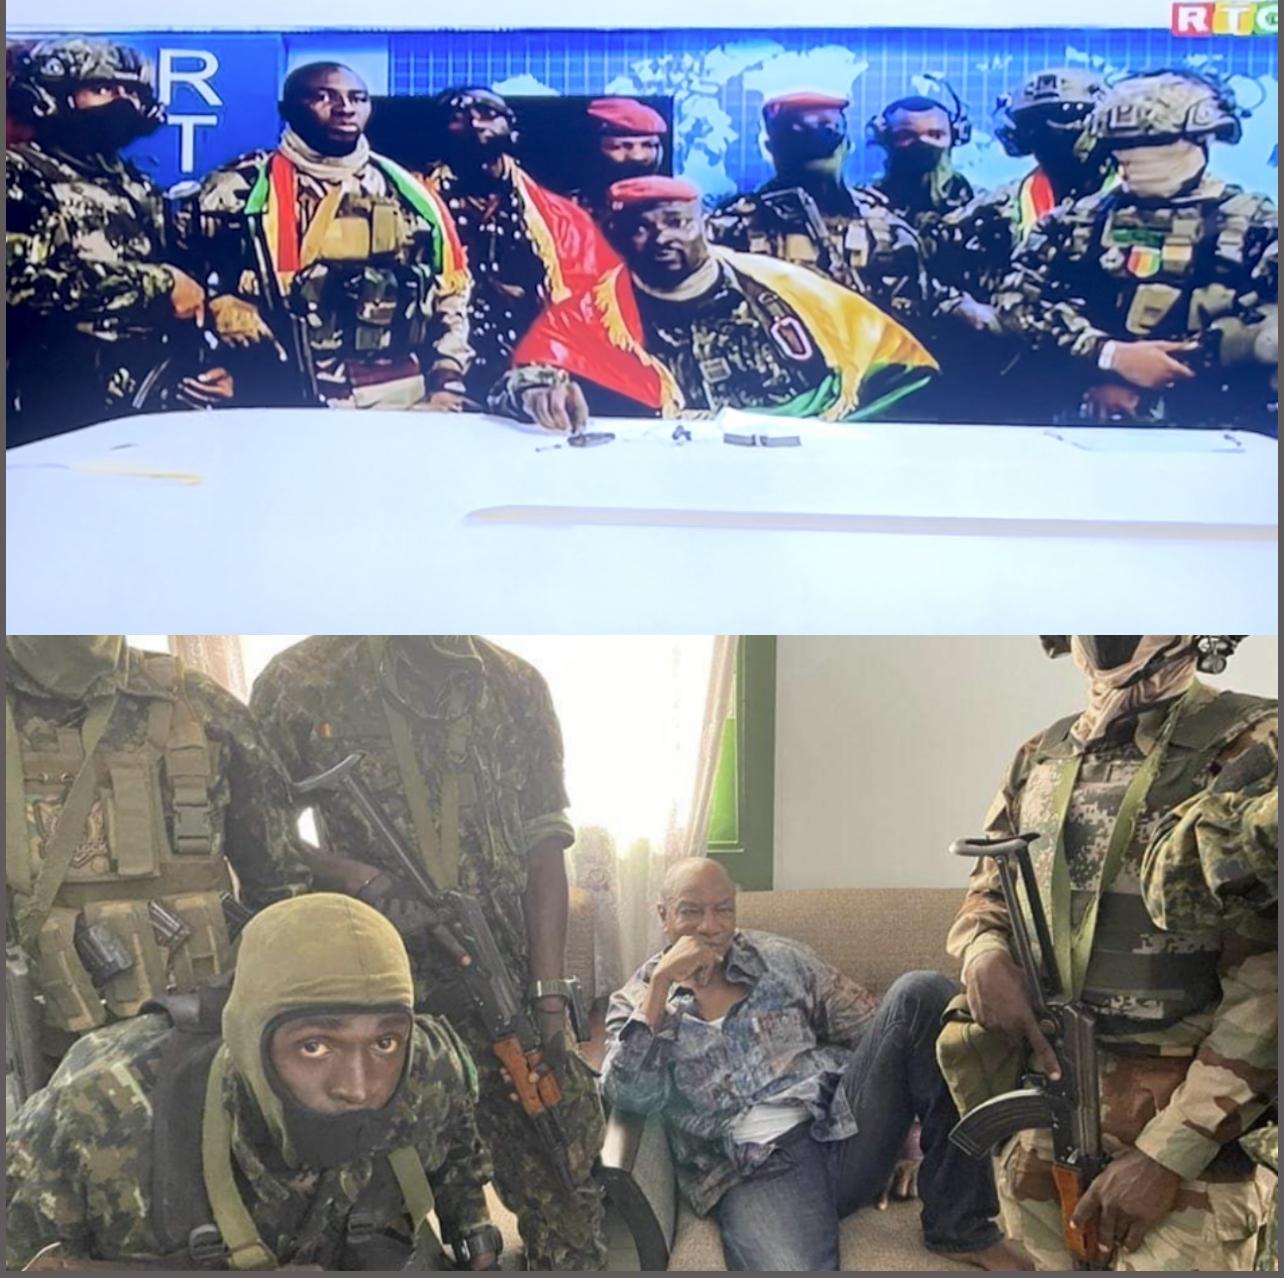 Guinée Conakry / Des militaires affirment avoir destitué Alpha Condé : la part de responsabilité de la communauté internationale.